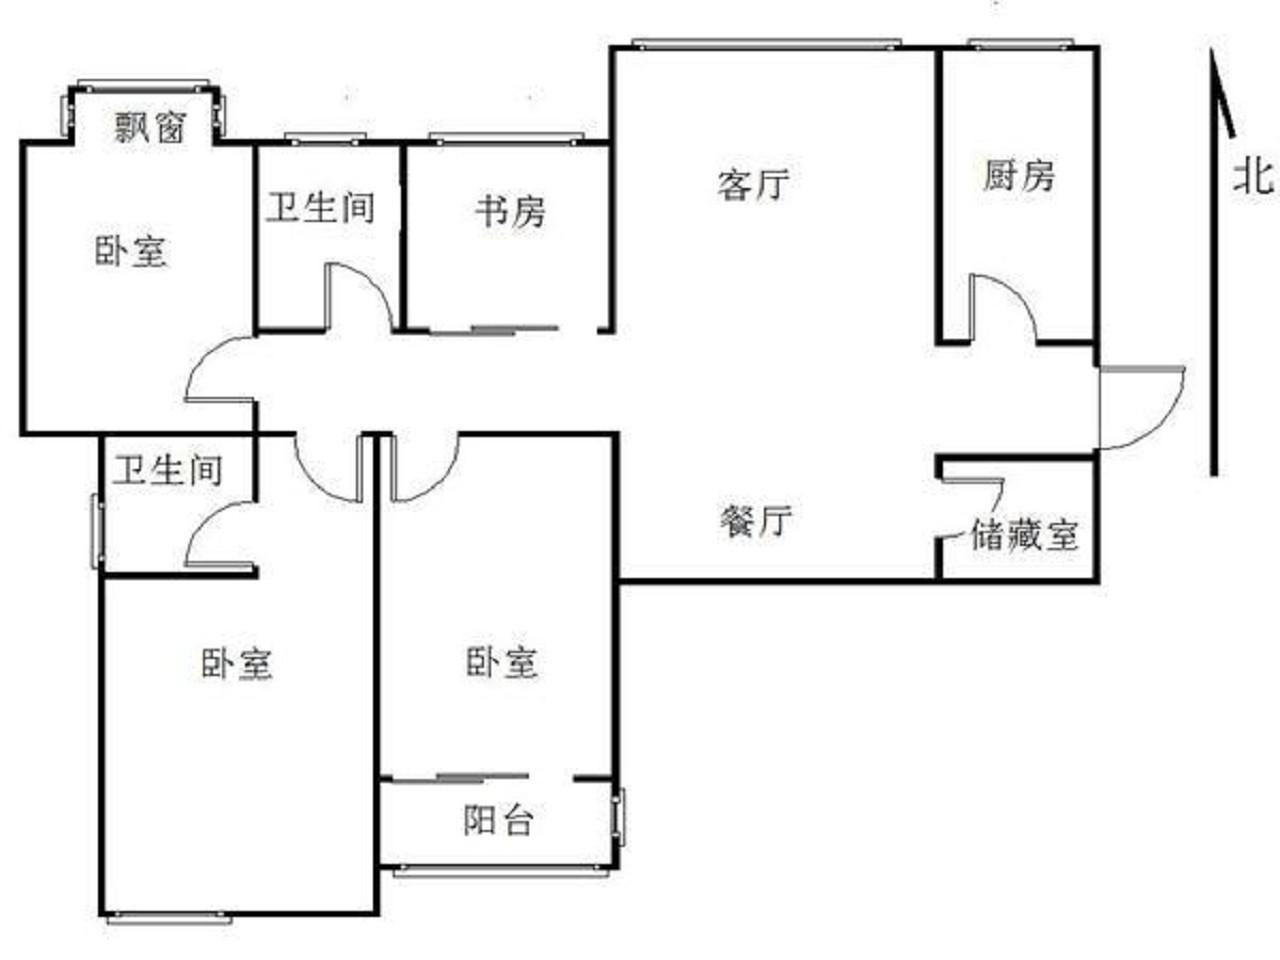 栖霞区仙林亚东城西区3室2厅户型图